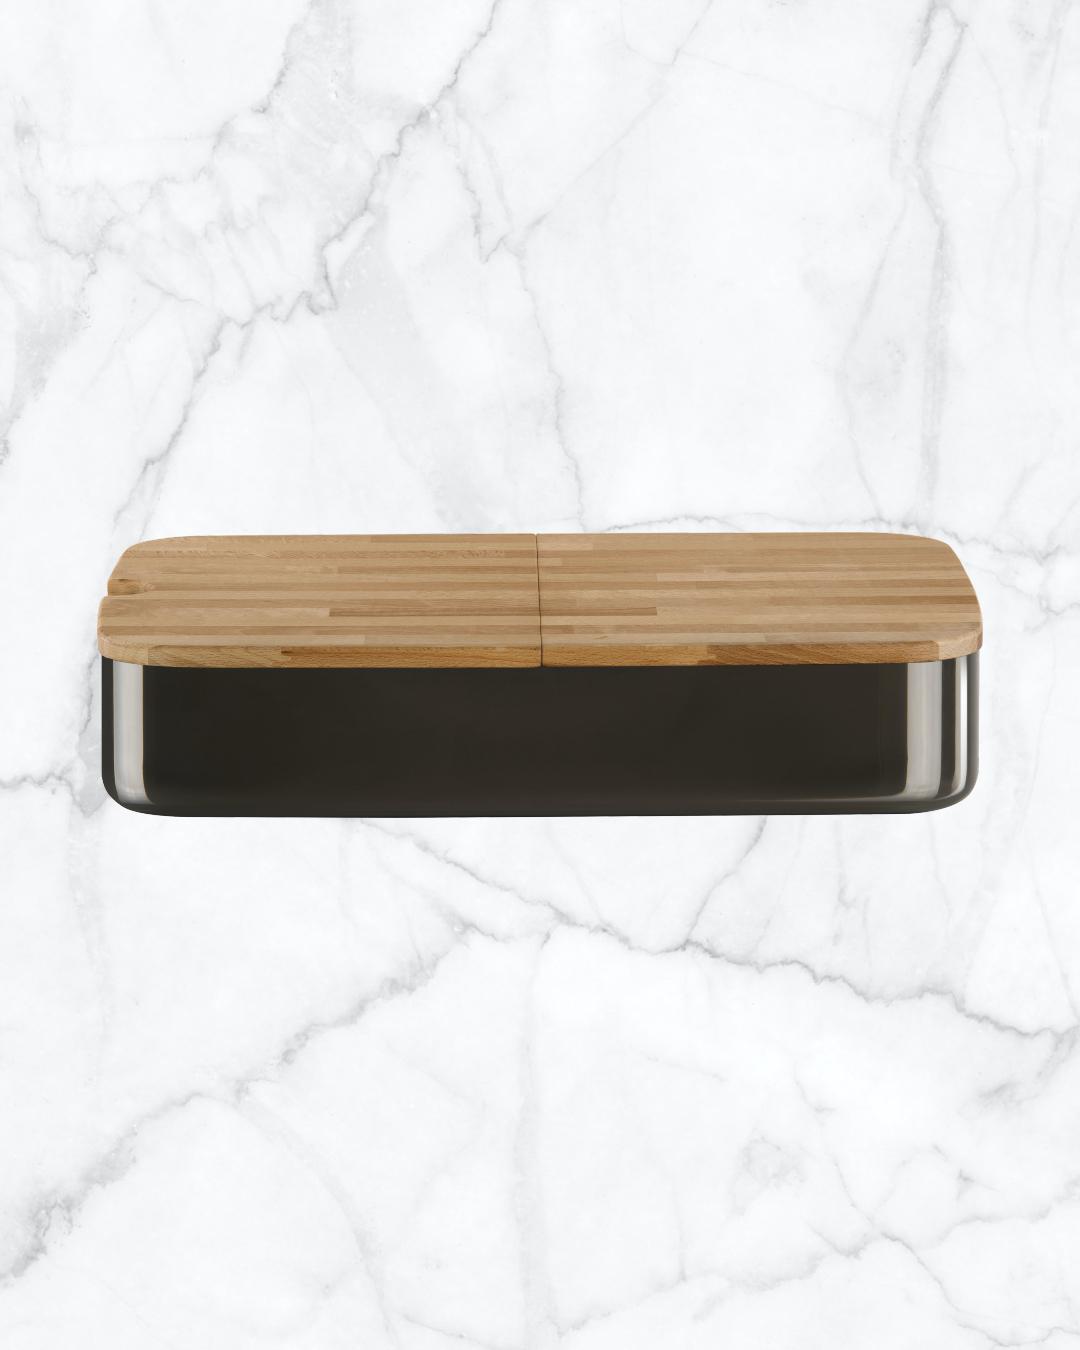 tray-and-cutting-board-gioi-barock-2